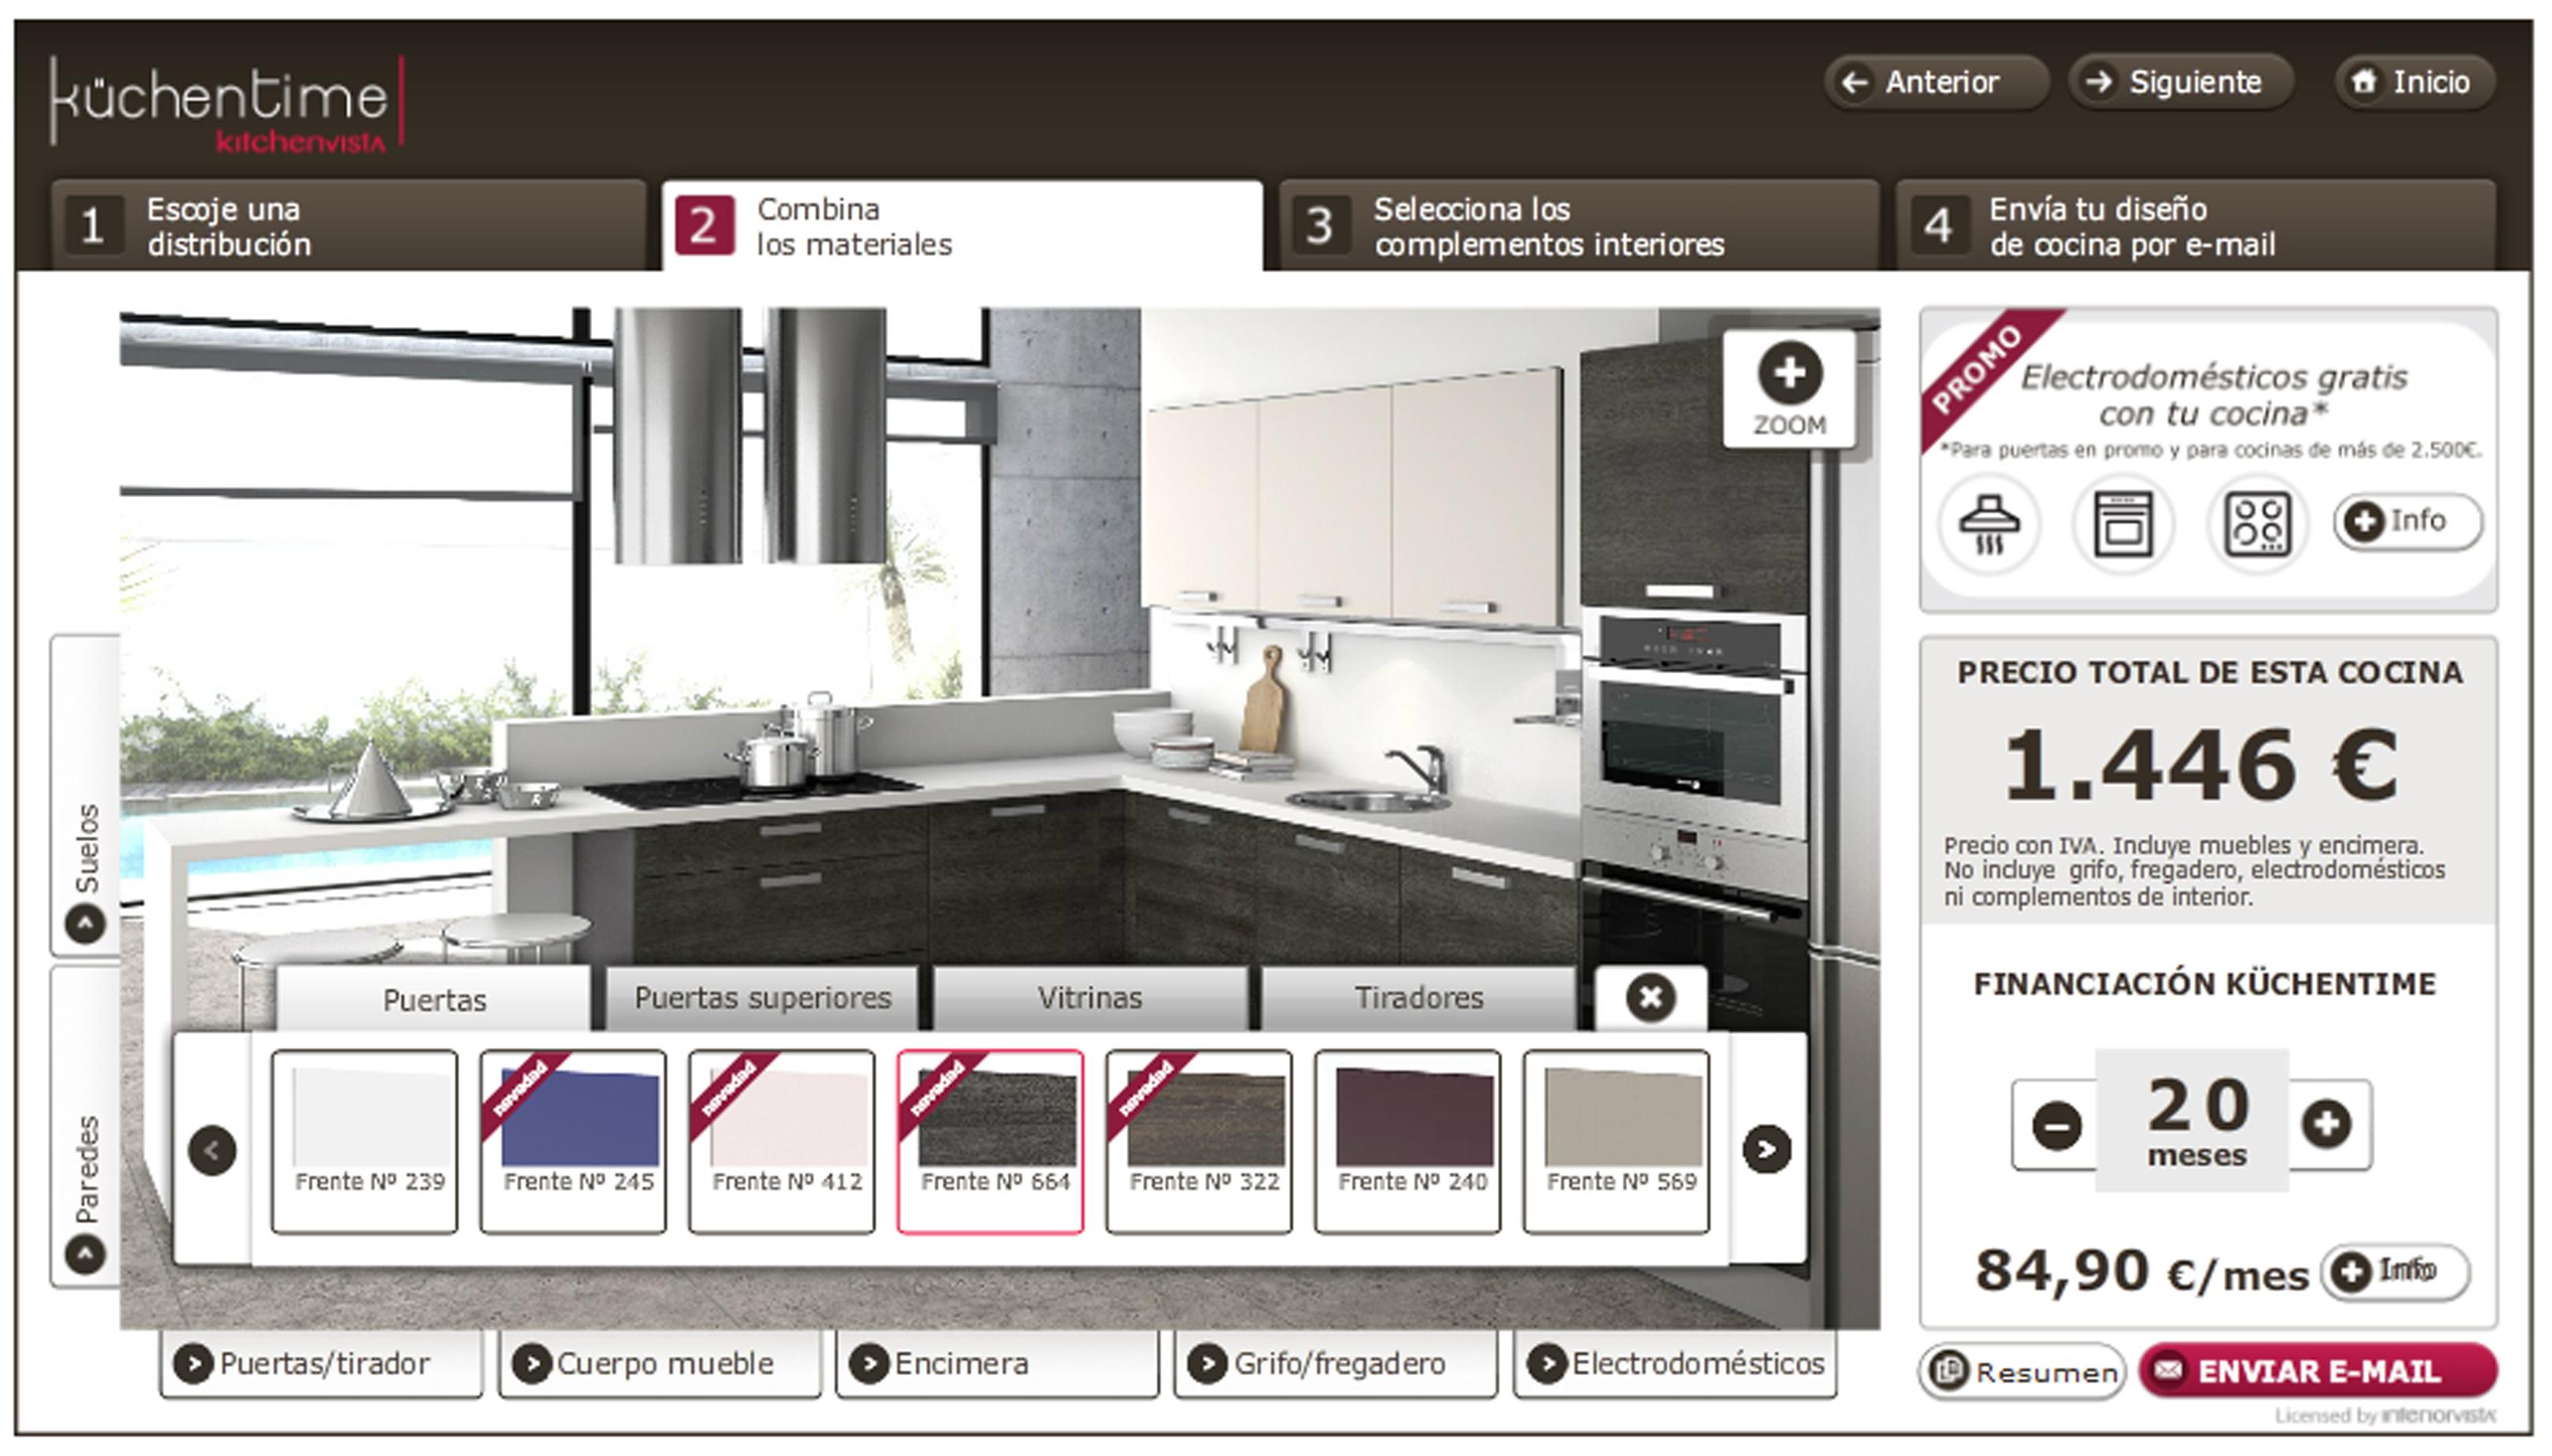 Dise a tu cocina online gratis casa dise o for Disena tu casa gratis